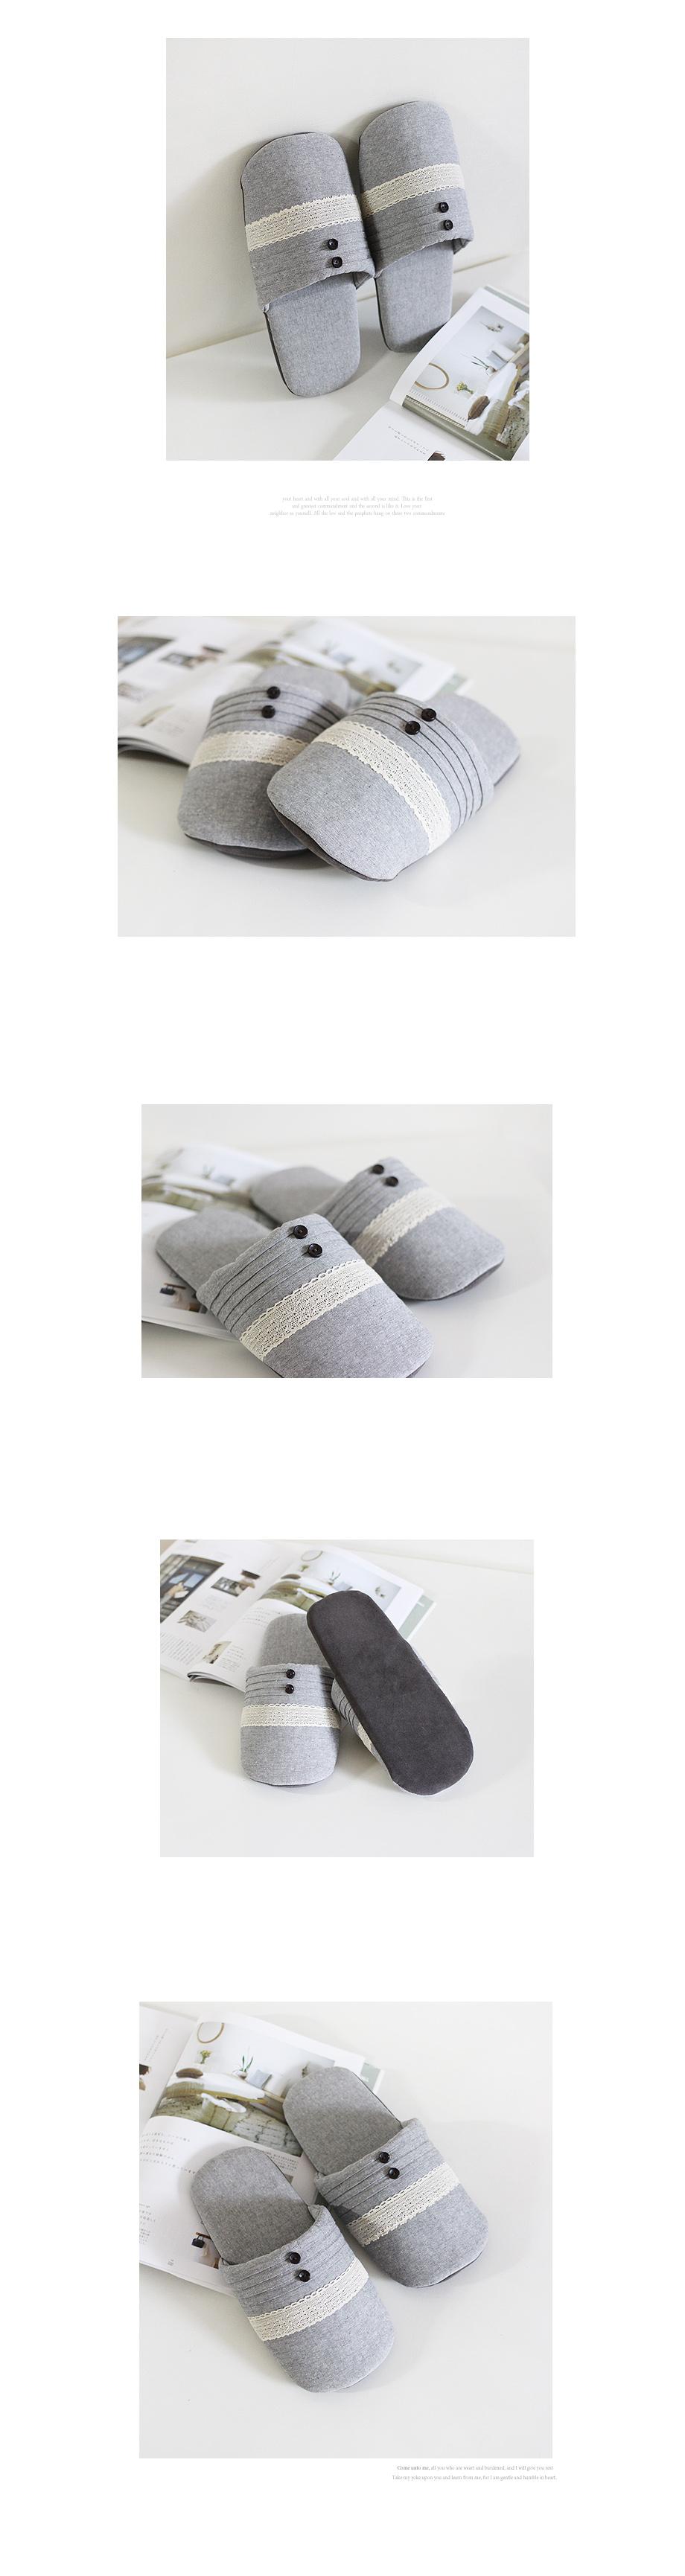 버튼핀턱 실내화 - 체리하우스, 13,000원, 실내화/슬리퍼, 패턴/무늬